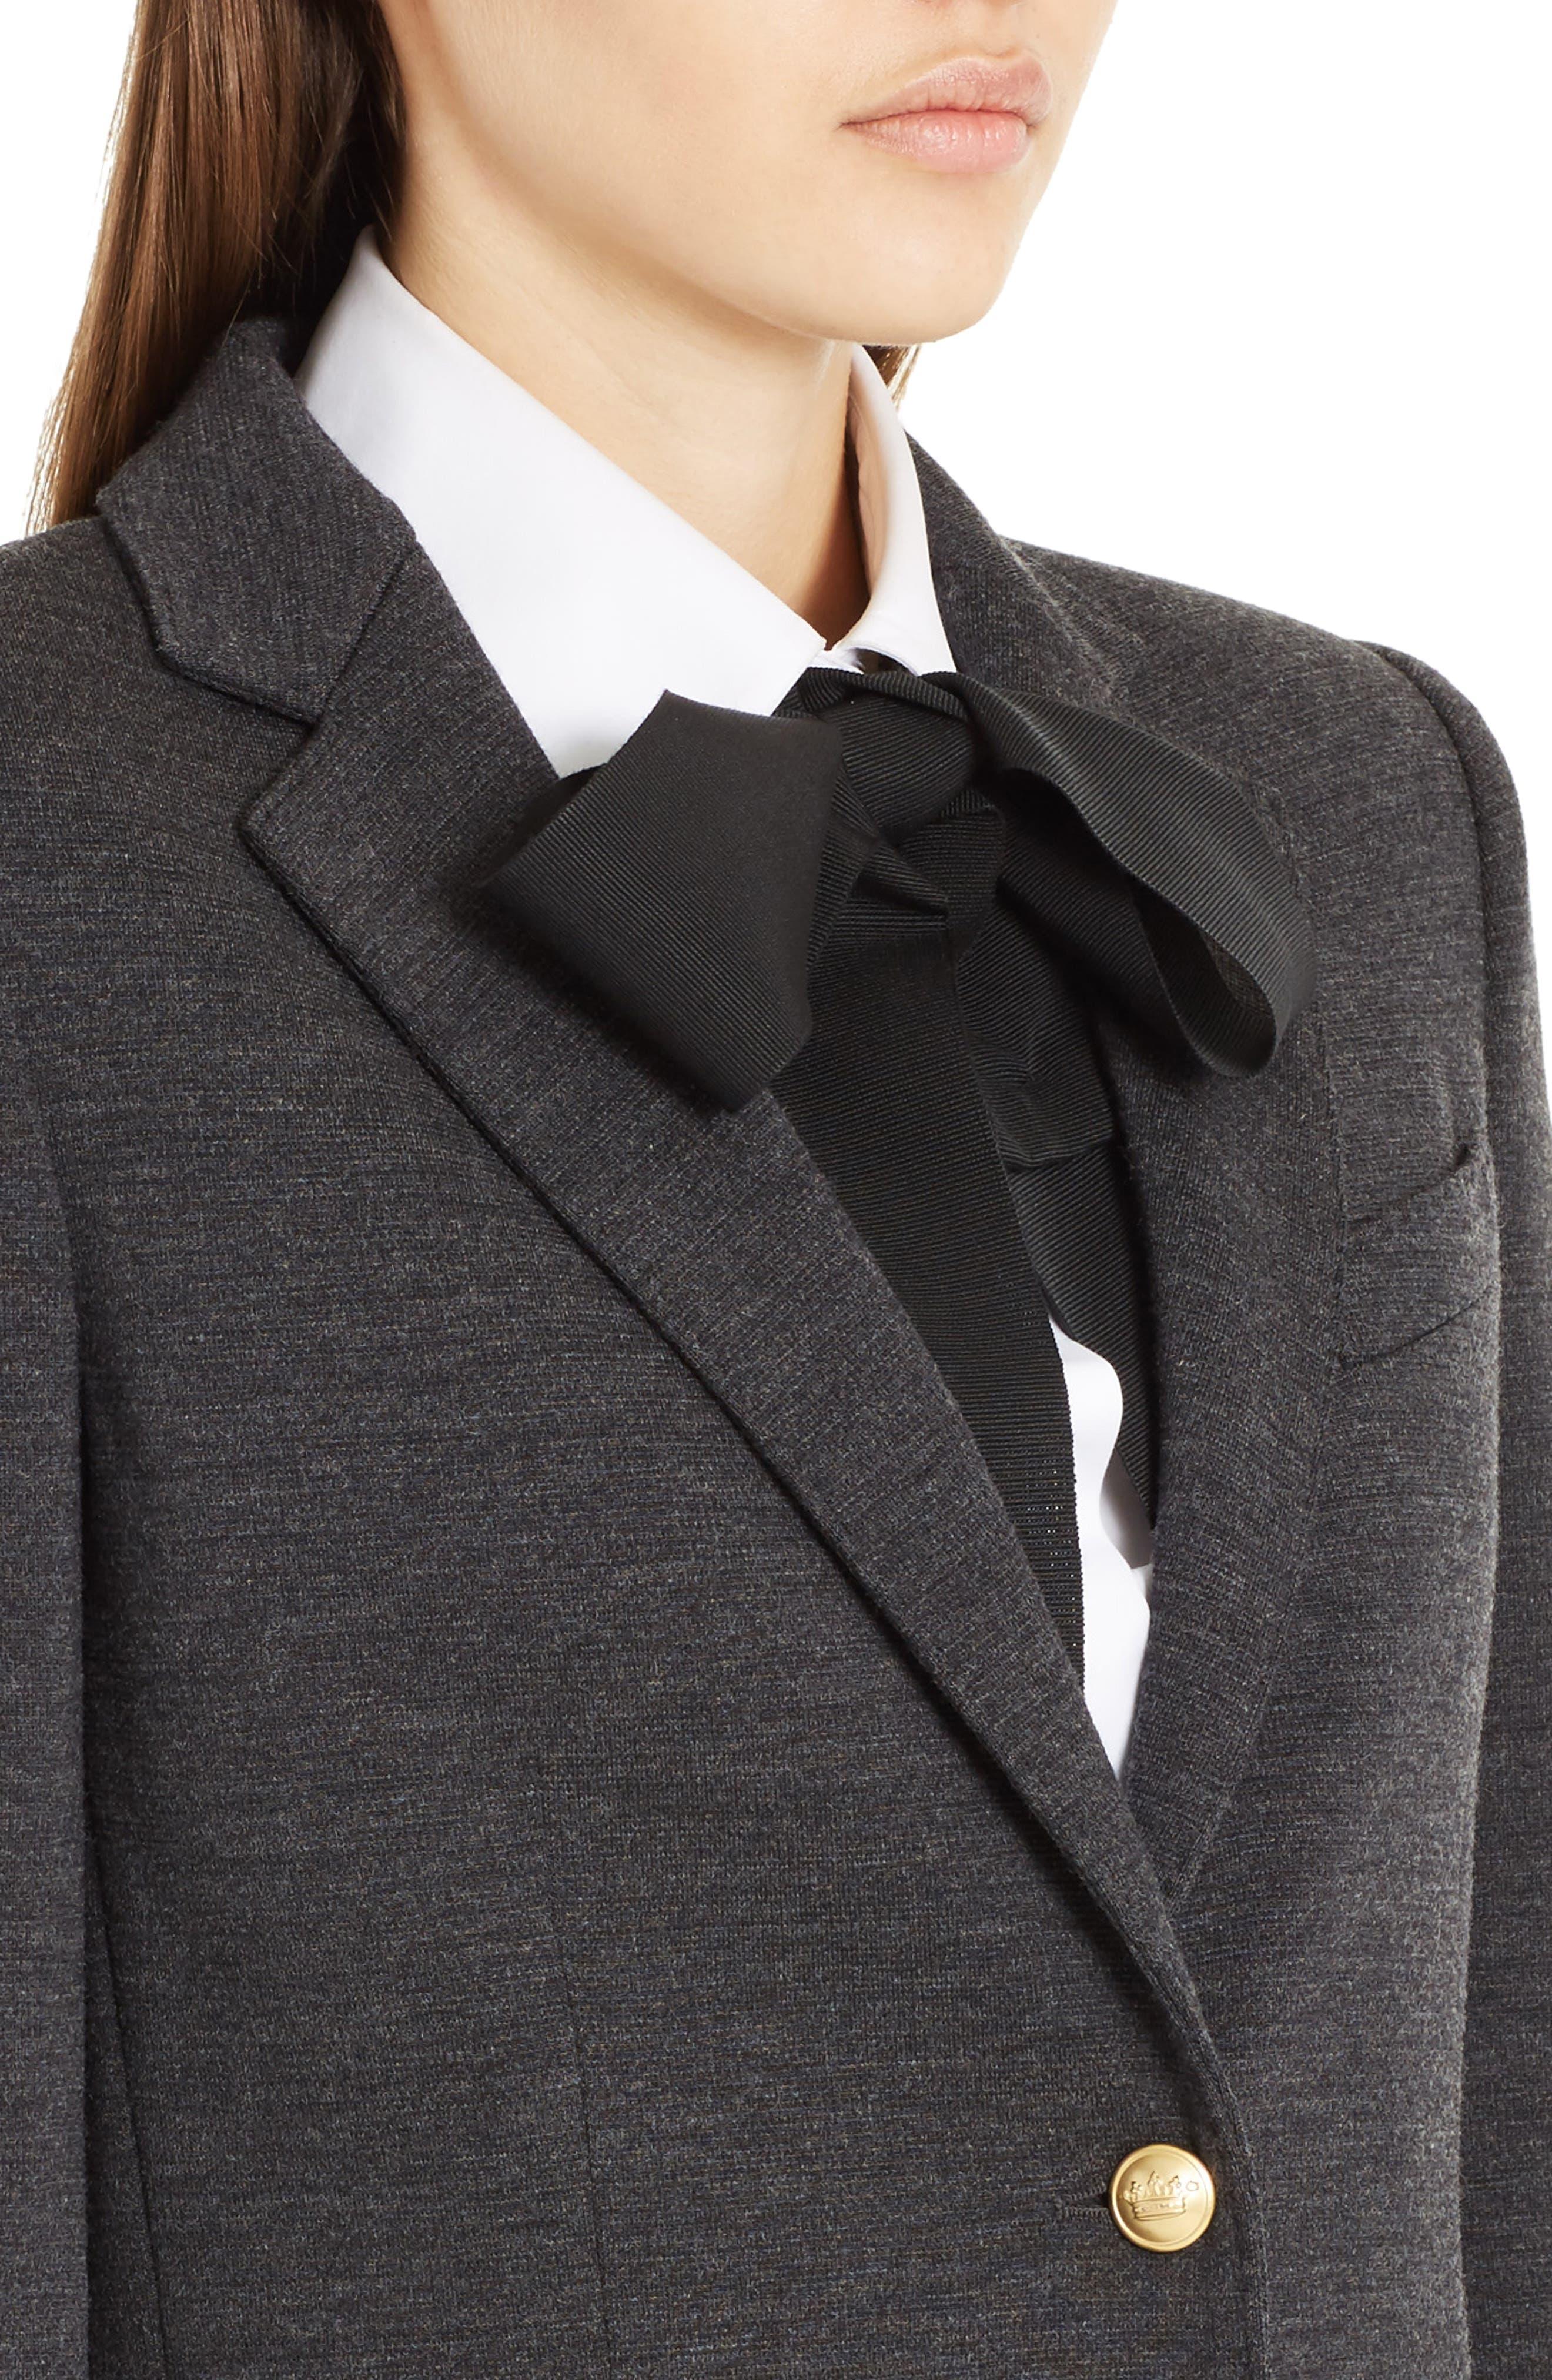 Punto Milano Wool Blazer,                             Alternate thumbnail 4, color,                             Grey Melange